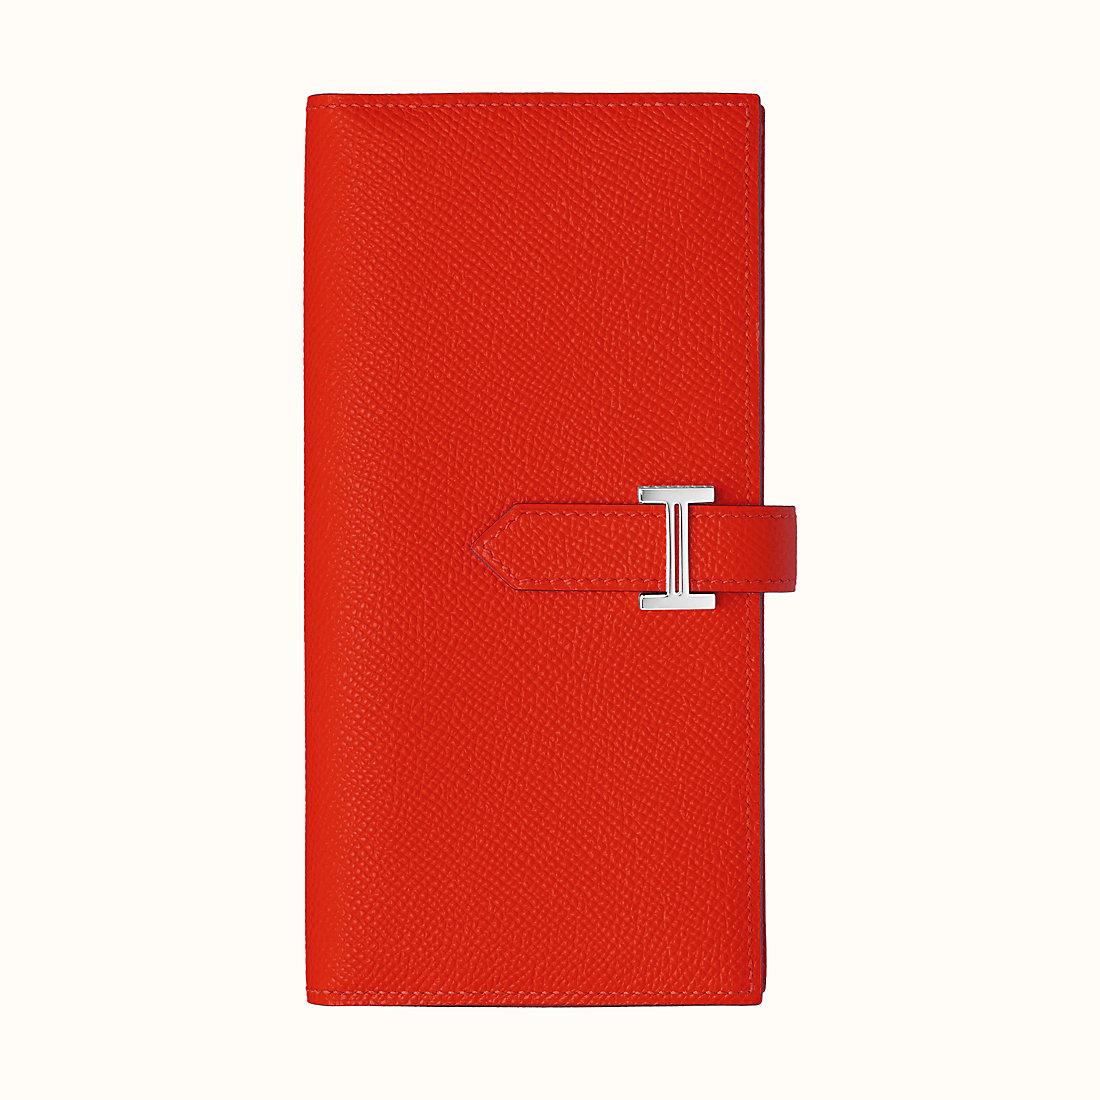 Hermes Bearn wallet CKS3 Rouge De Cœur Epsom calfskin